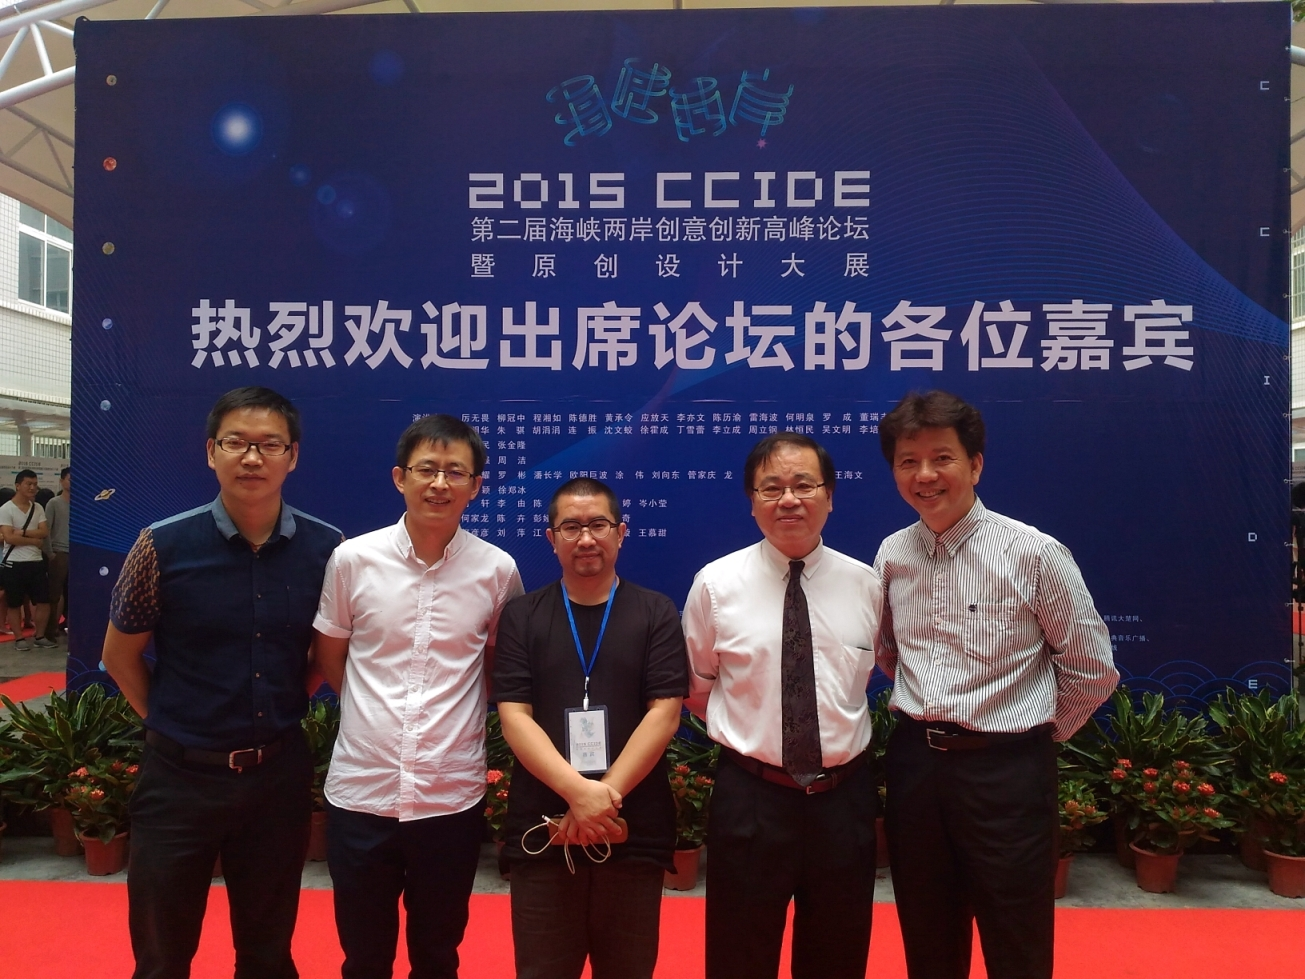 設計學院黃承令院長、藝術中心陳歷渝主任 獲聘兩岸創意導師